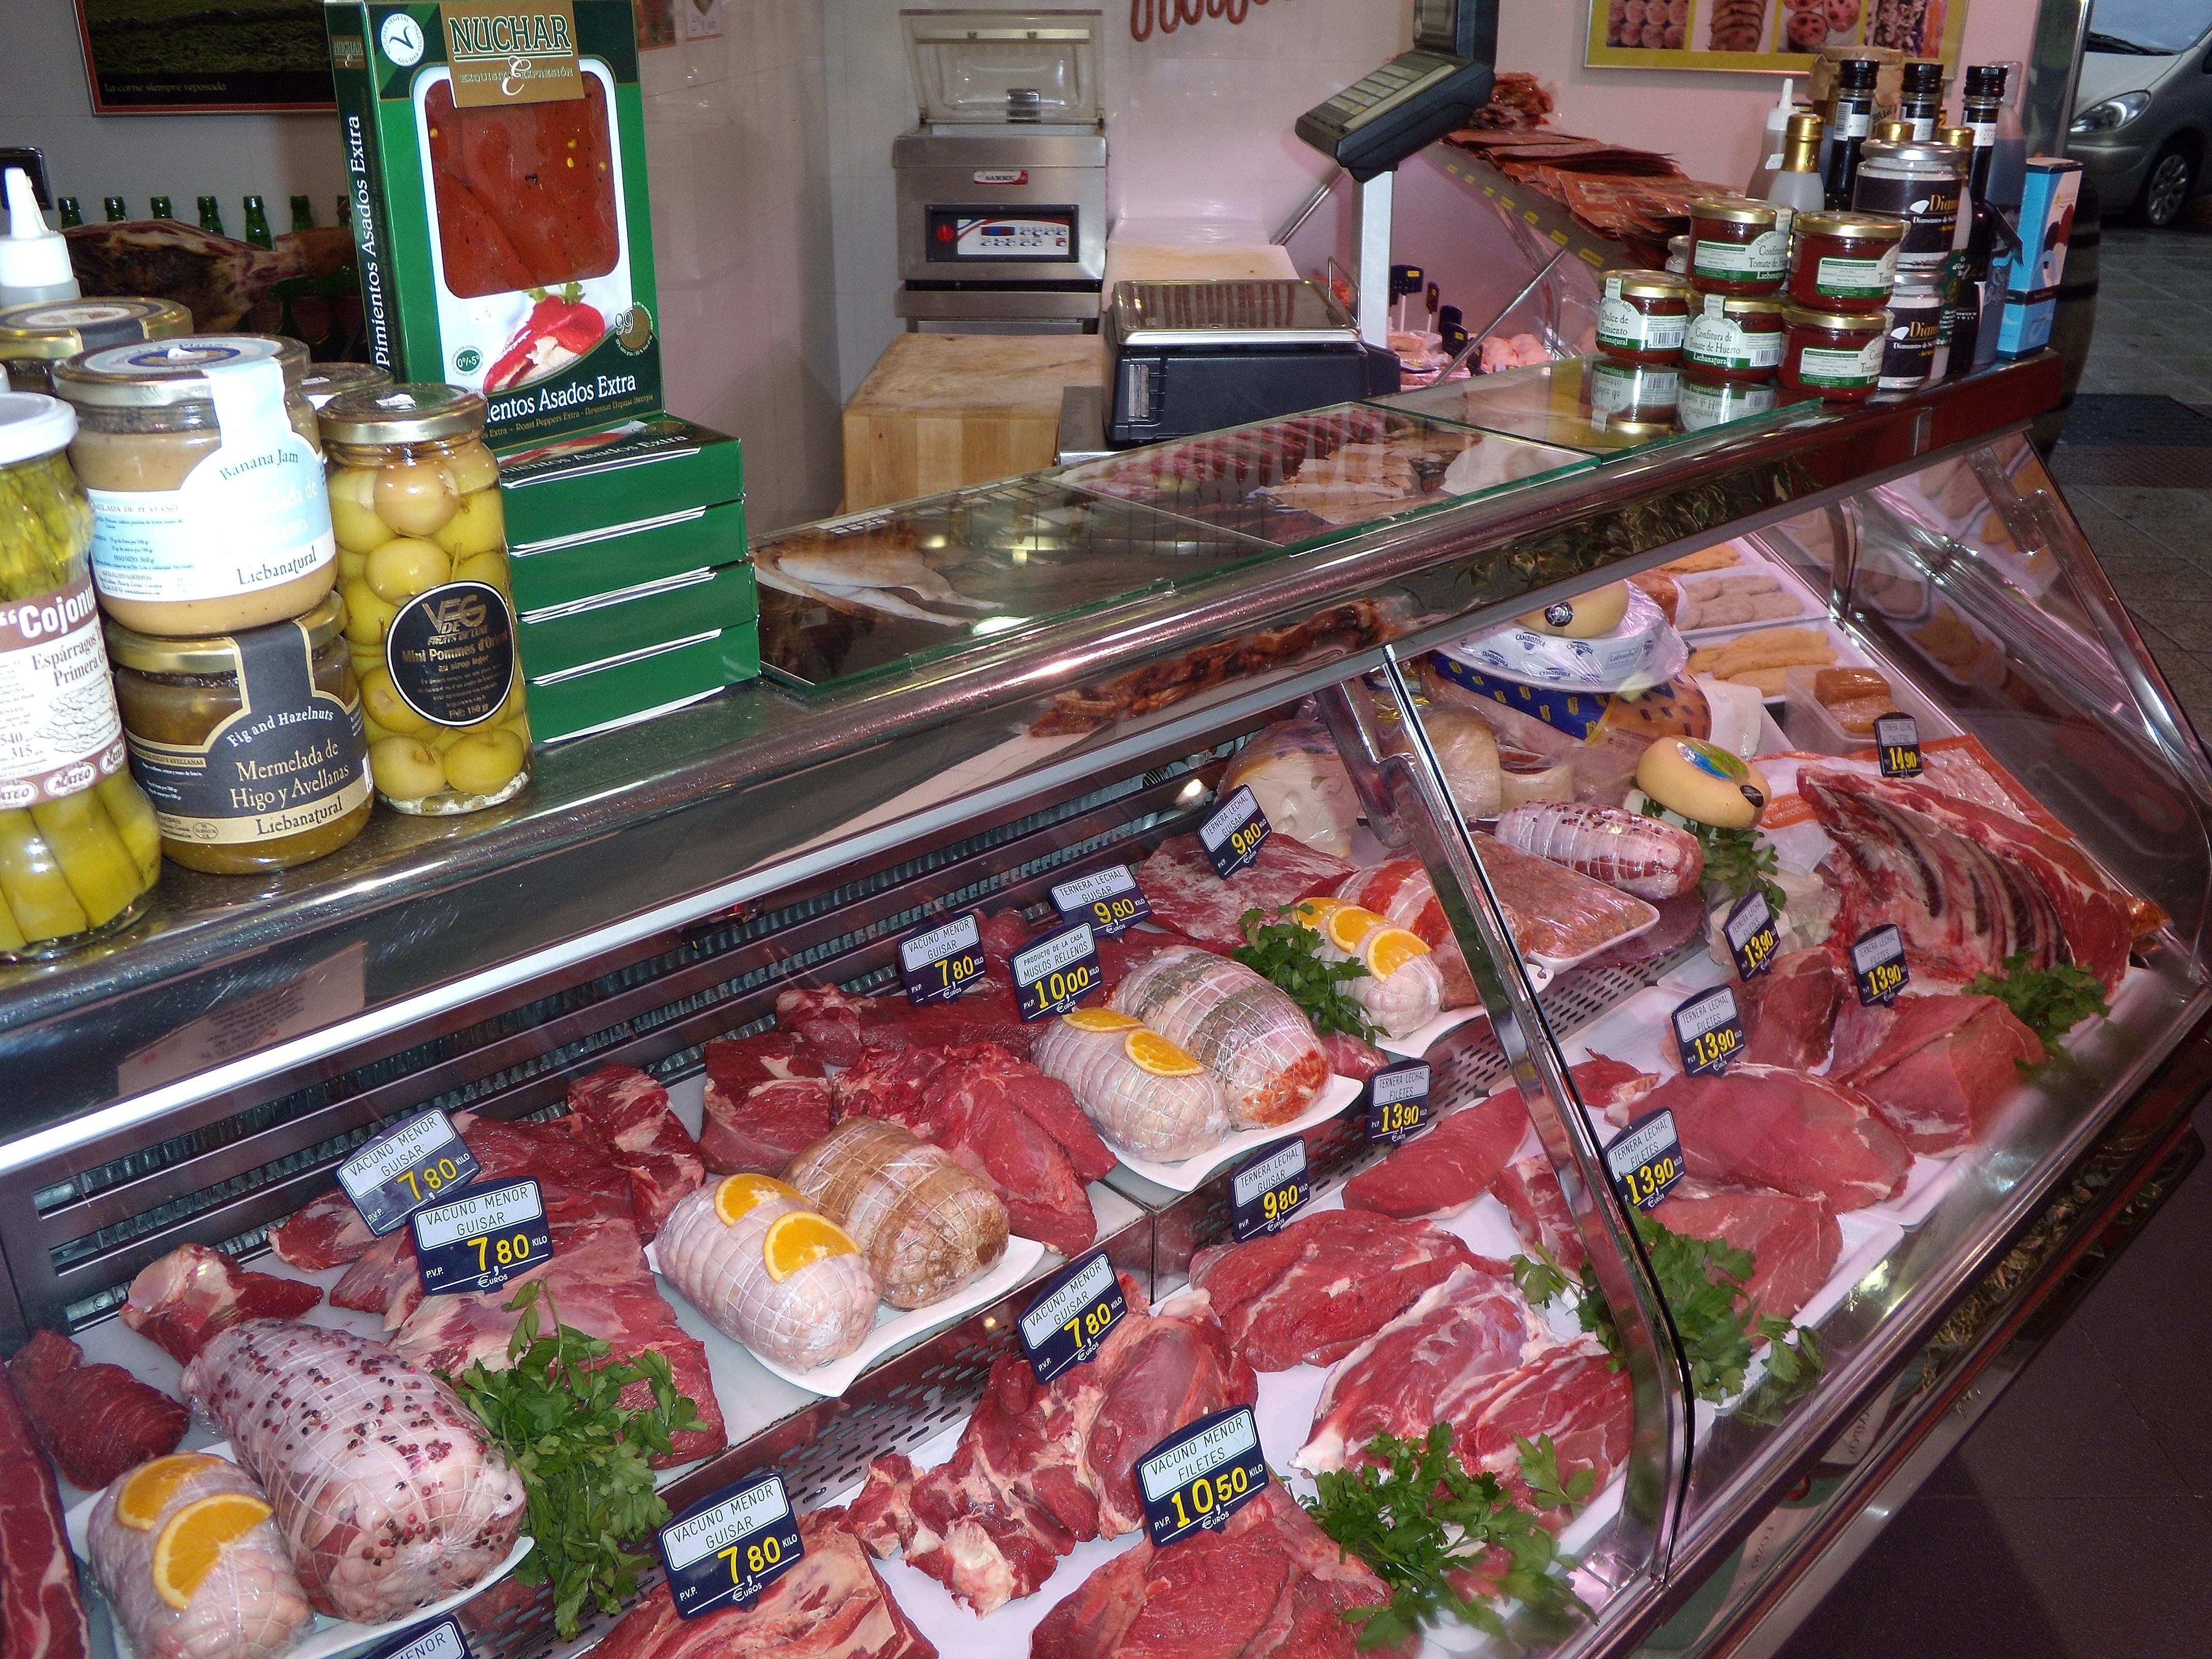 Como Decorar Una Carniceria En Navidad.Carne Roja De Cantabria Artecarnesana Pagina 2